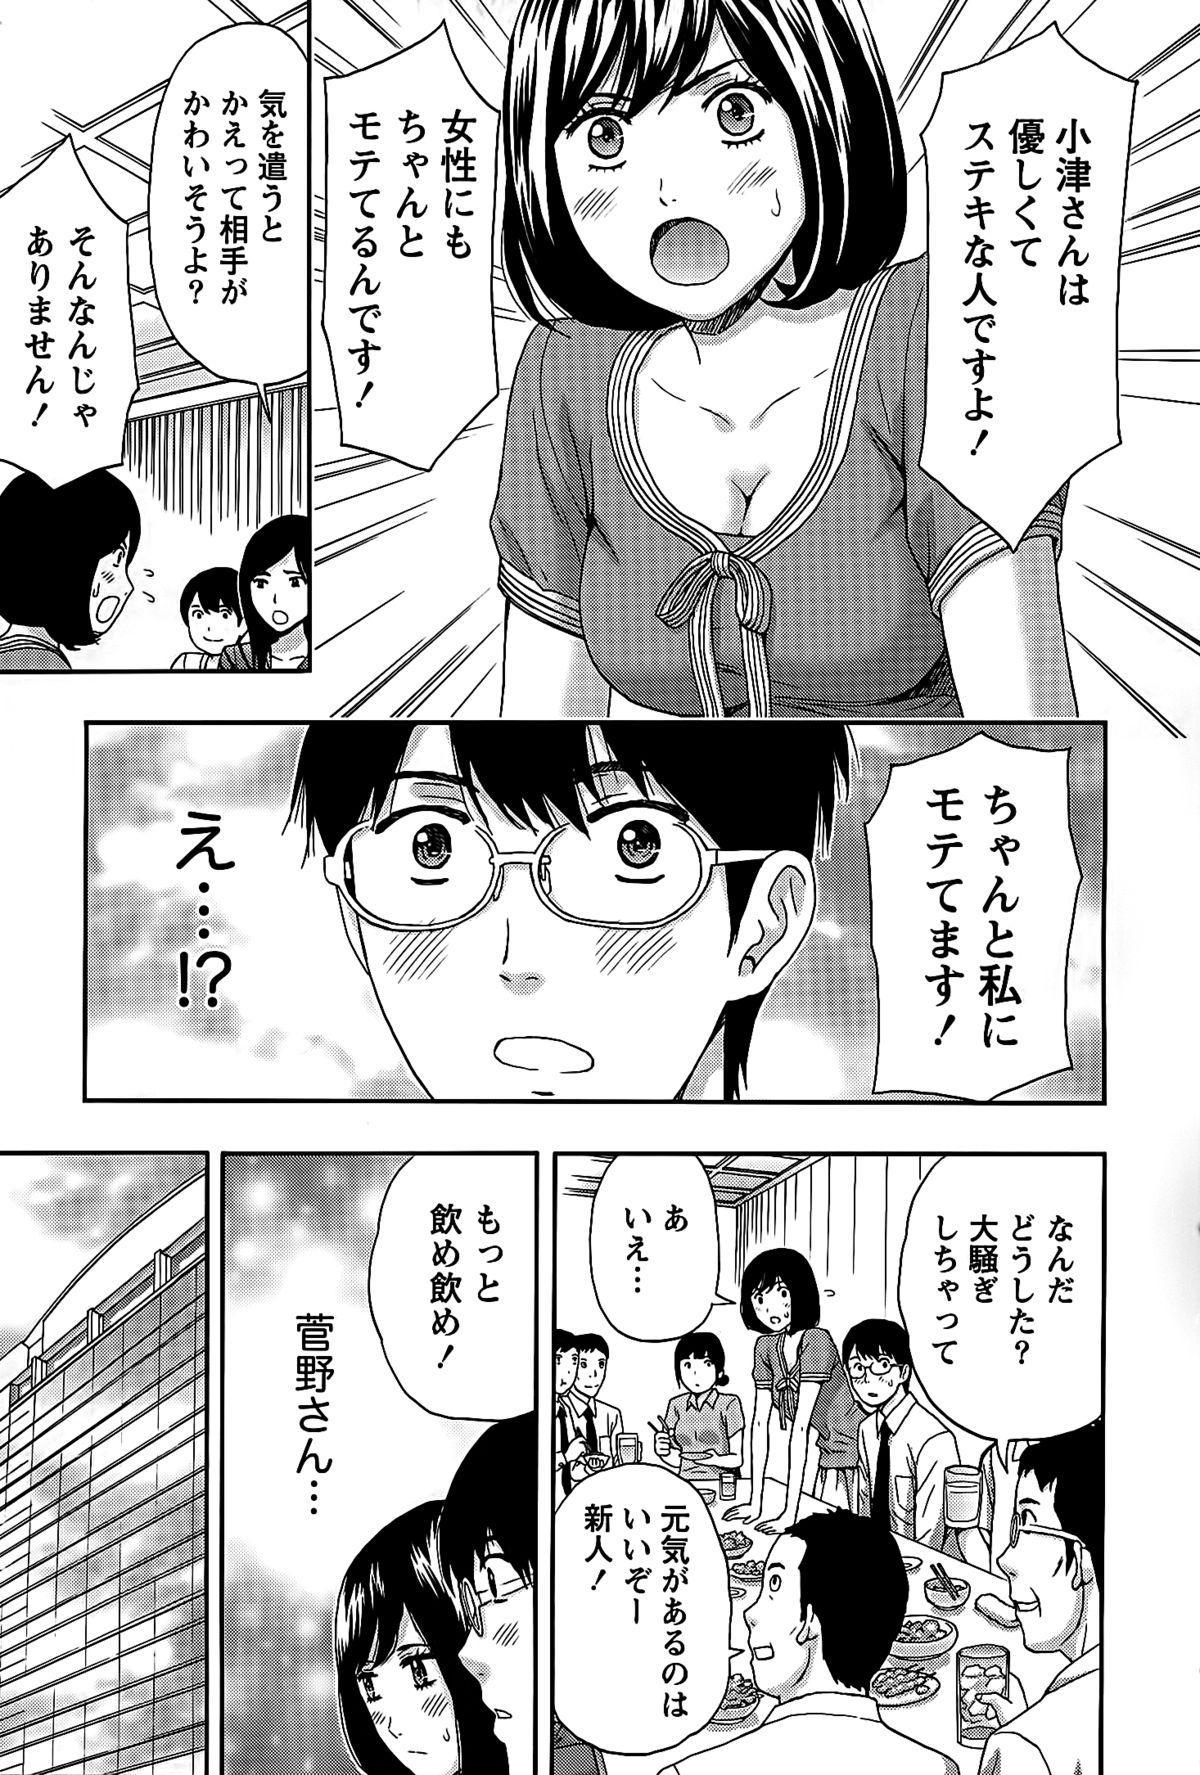 Shittori Lady to Amai Mitsu 92